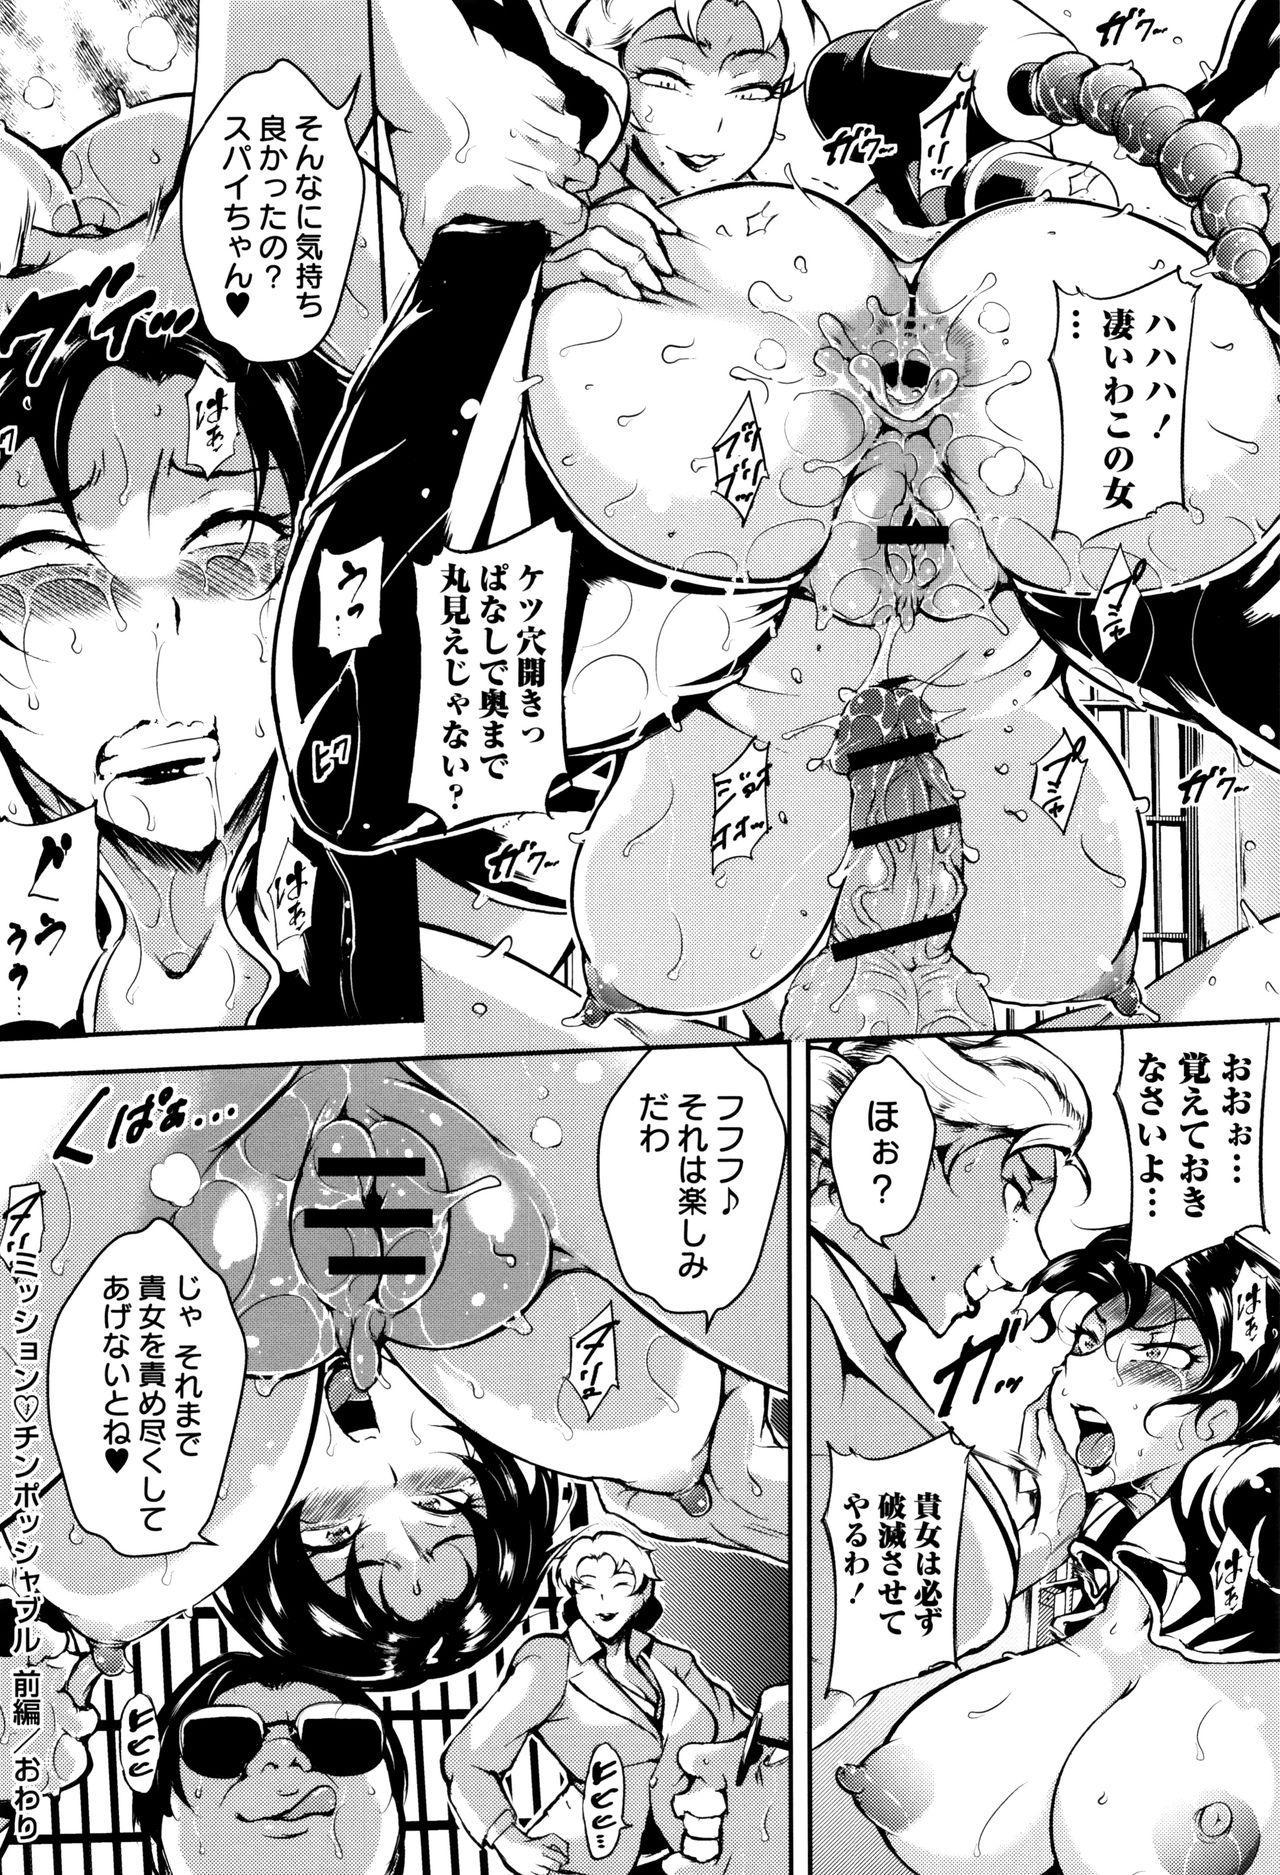 Ero BBA ♥ Dosukebe Ha Sengen 29